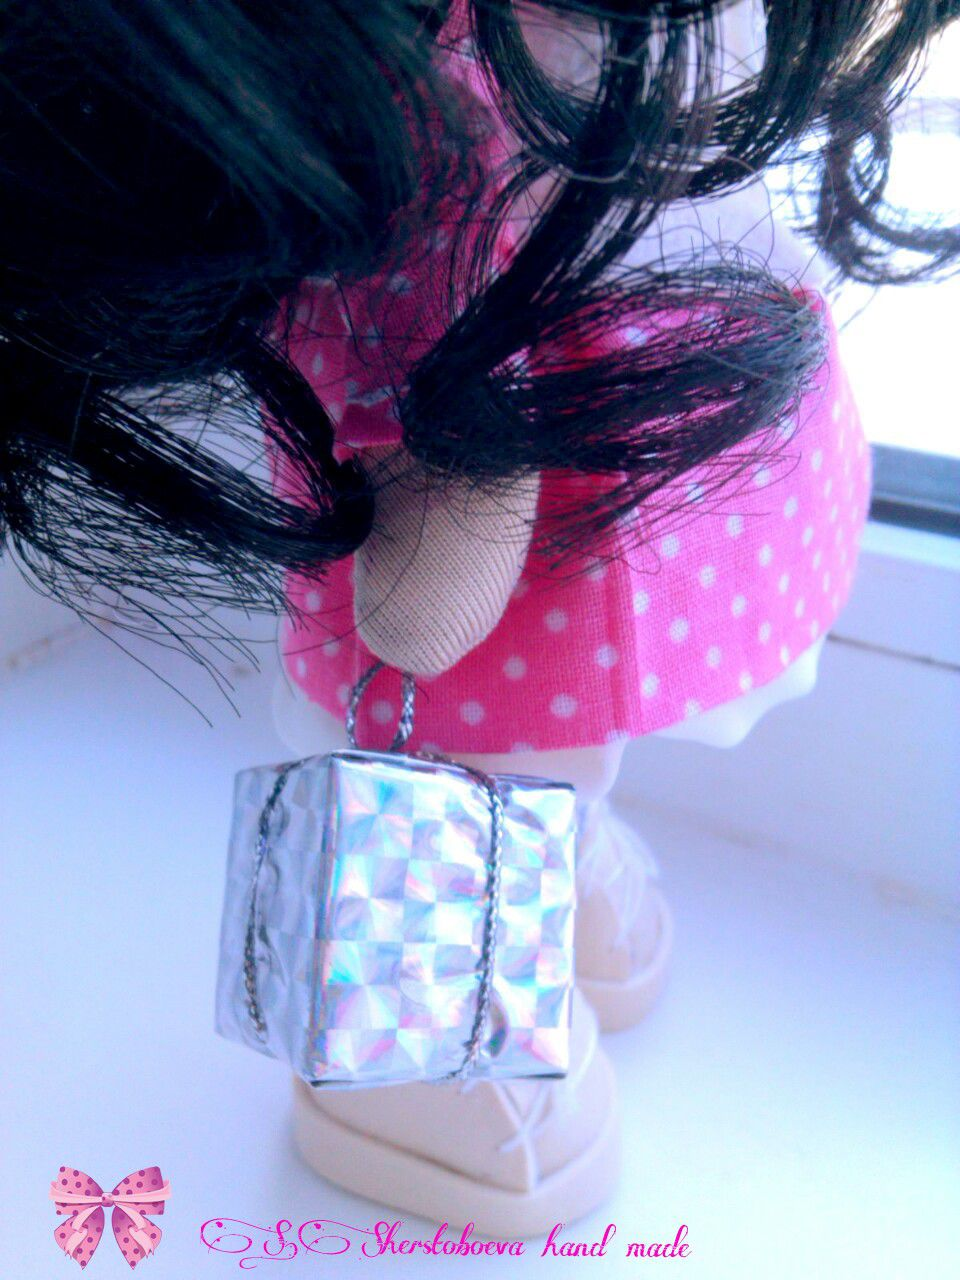 работы ручной кукла интерьерная hand made